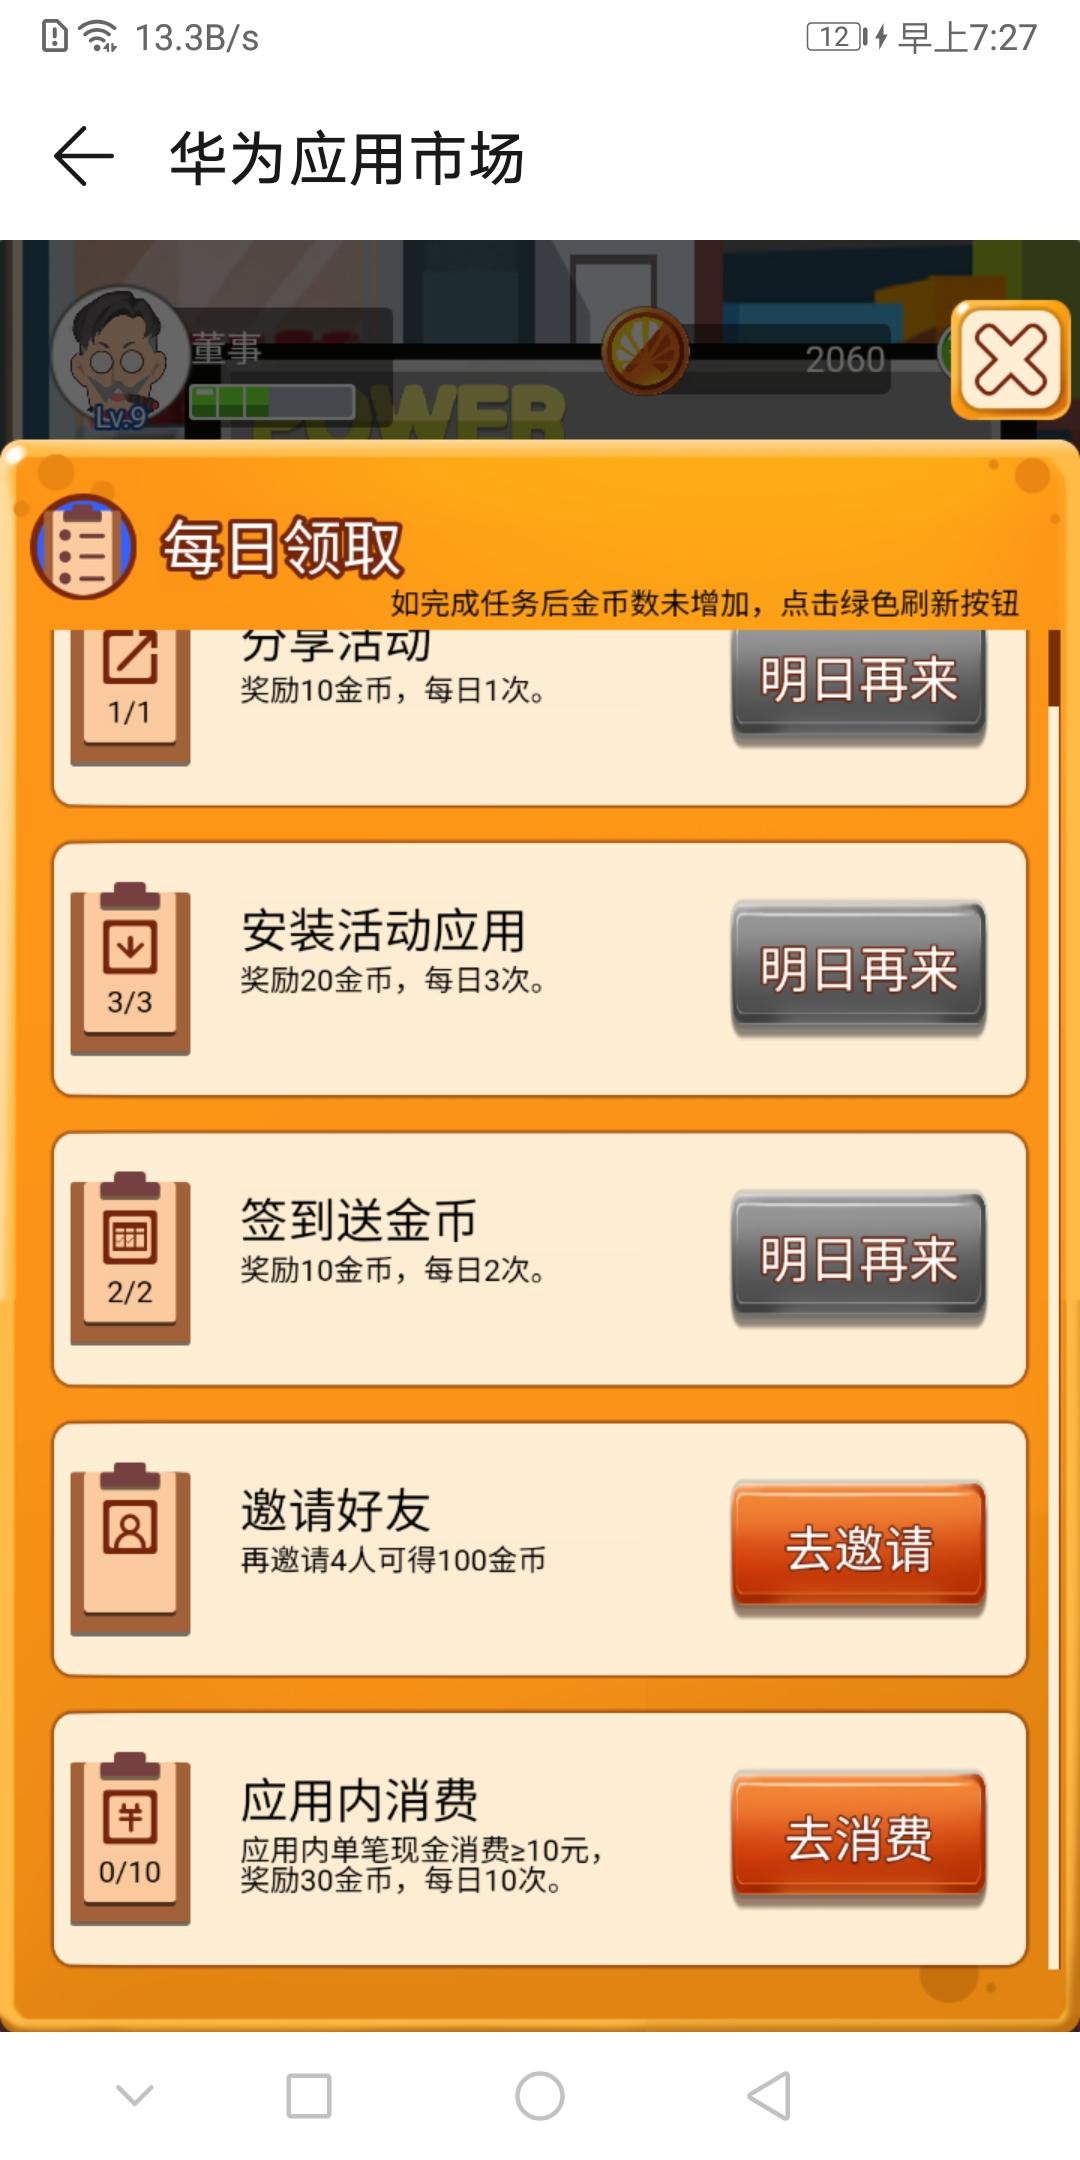 Screenshot_20200516_072742_com.huawei.appmarket.jpg